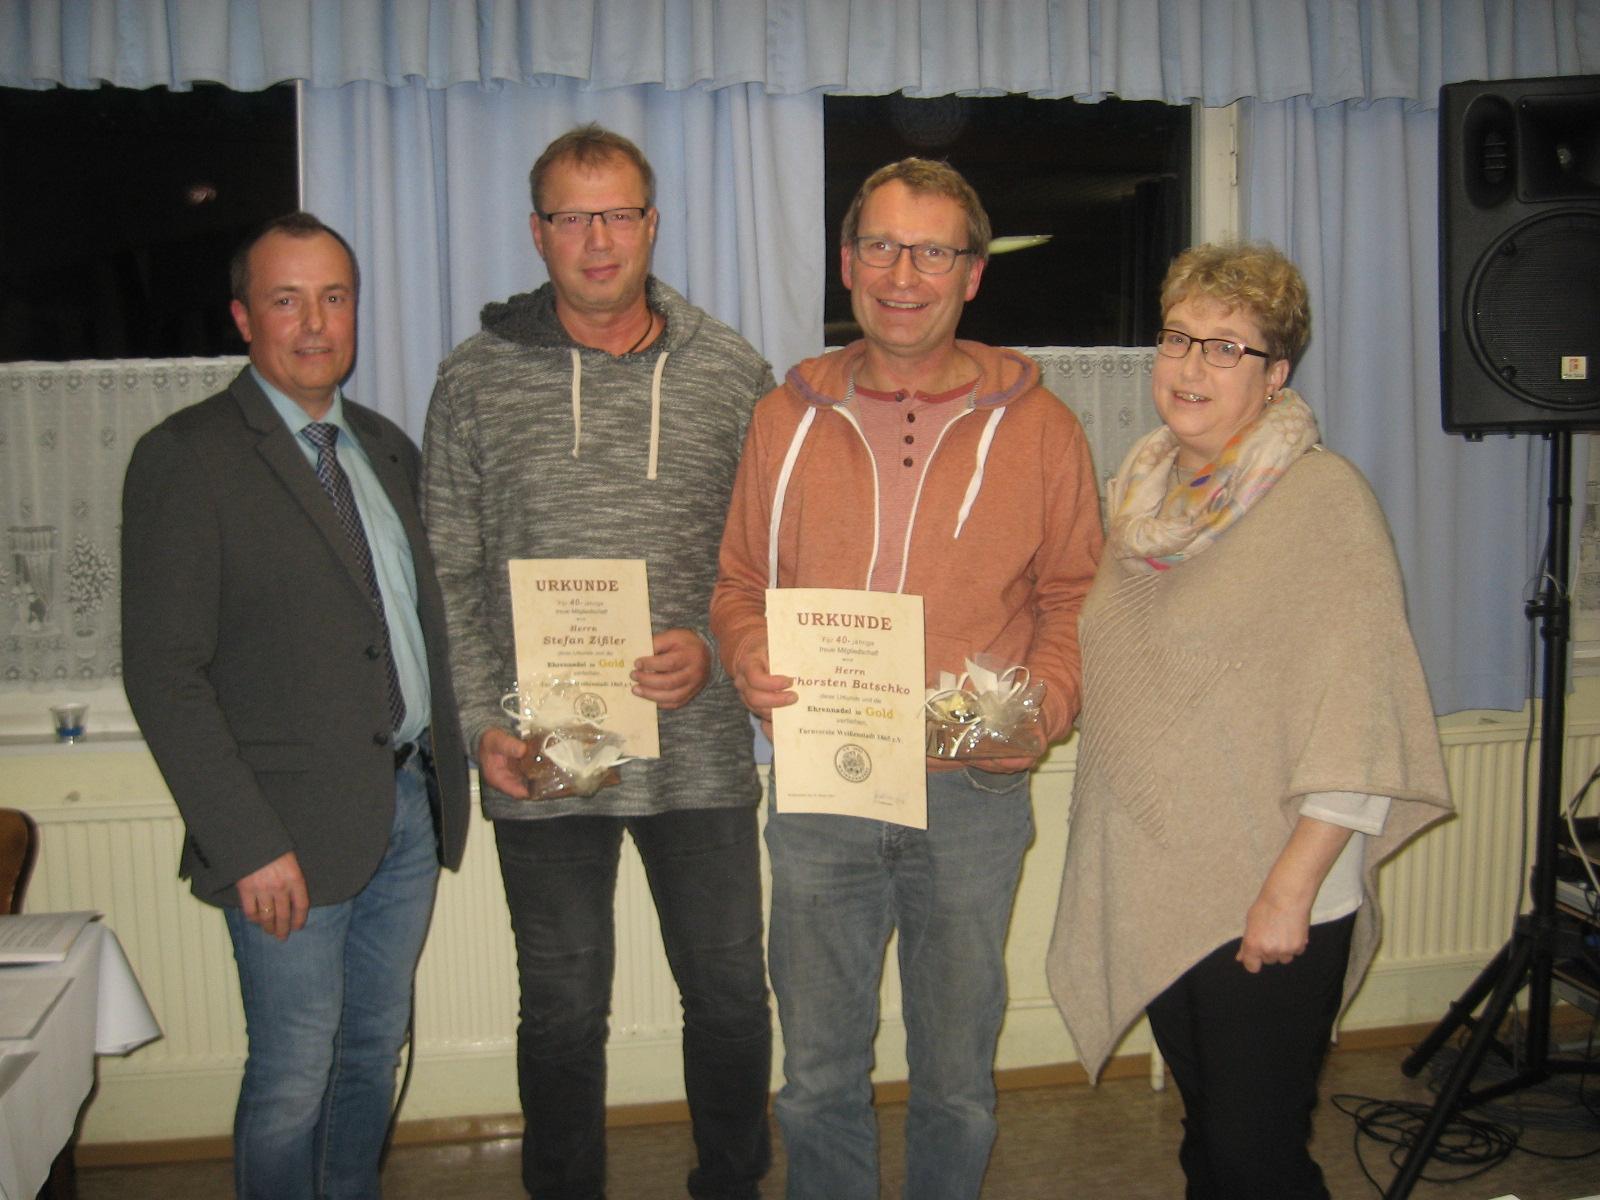 Ehrung für Langjährige Mitgliedschaft: ... Batschko und Stefan Zißler